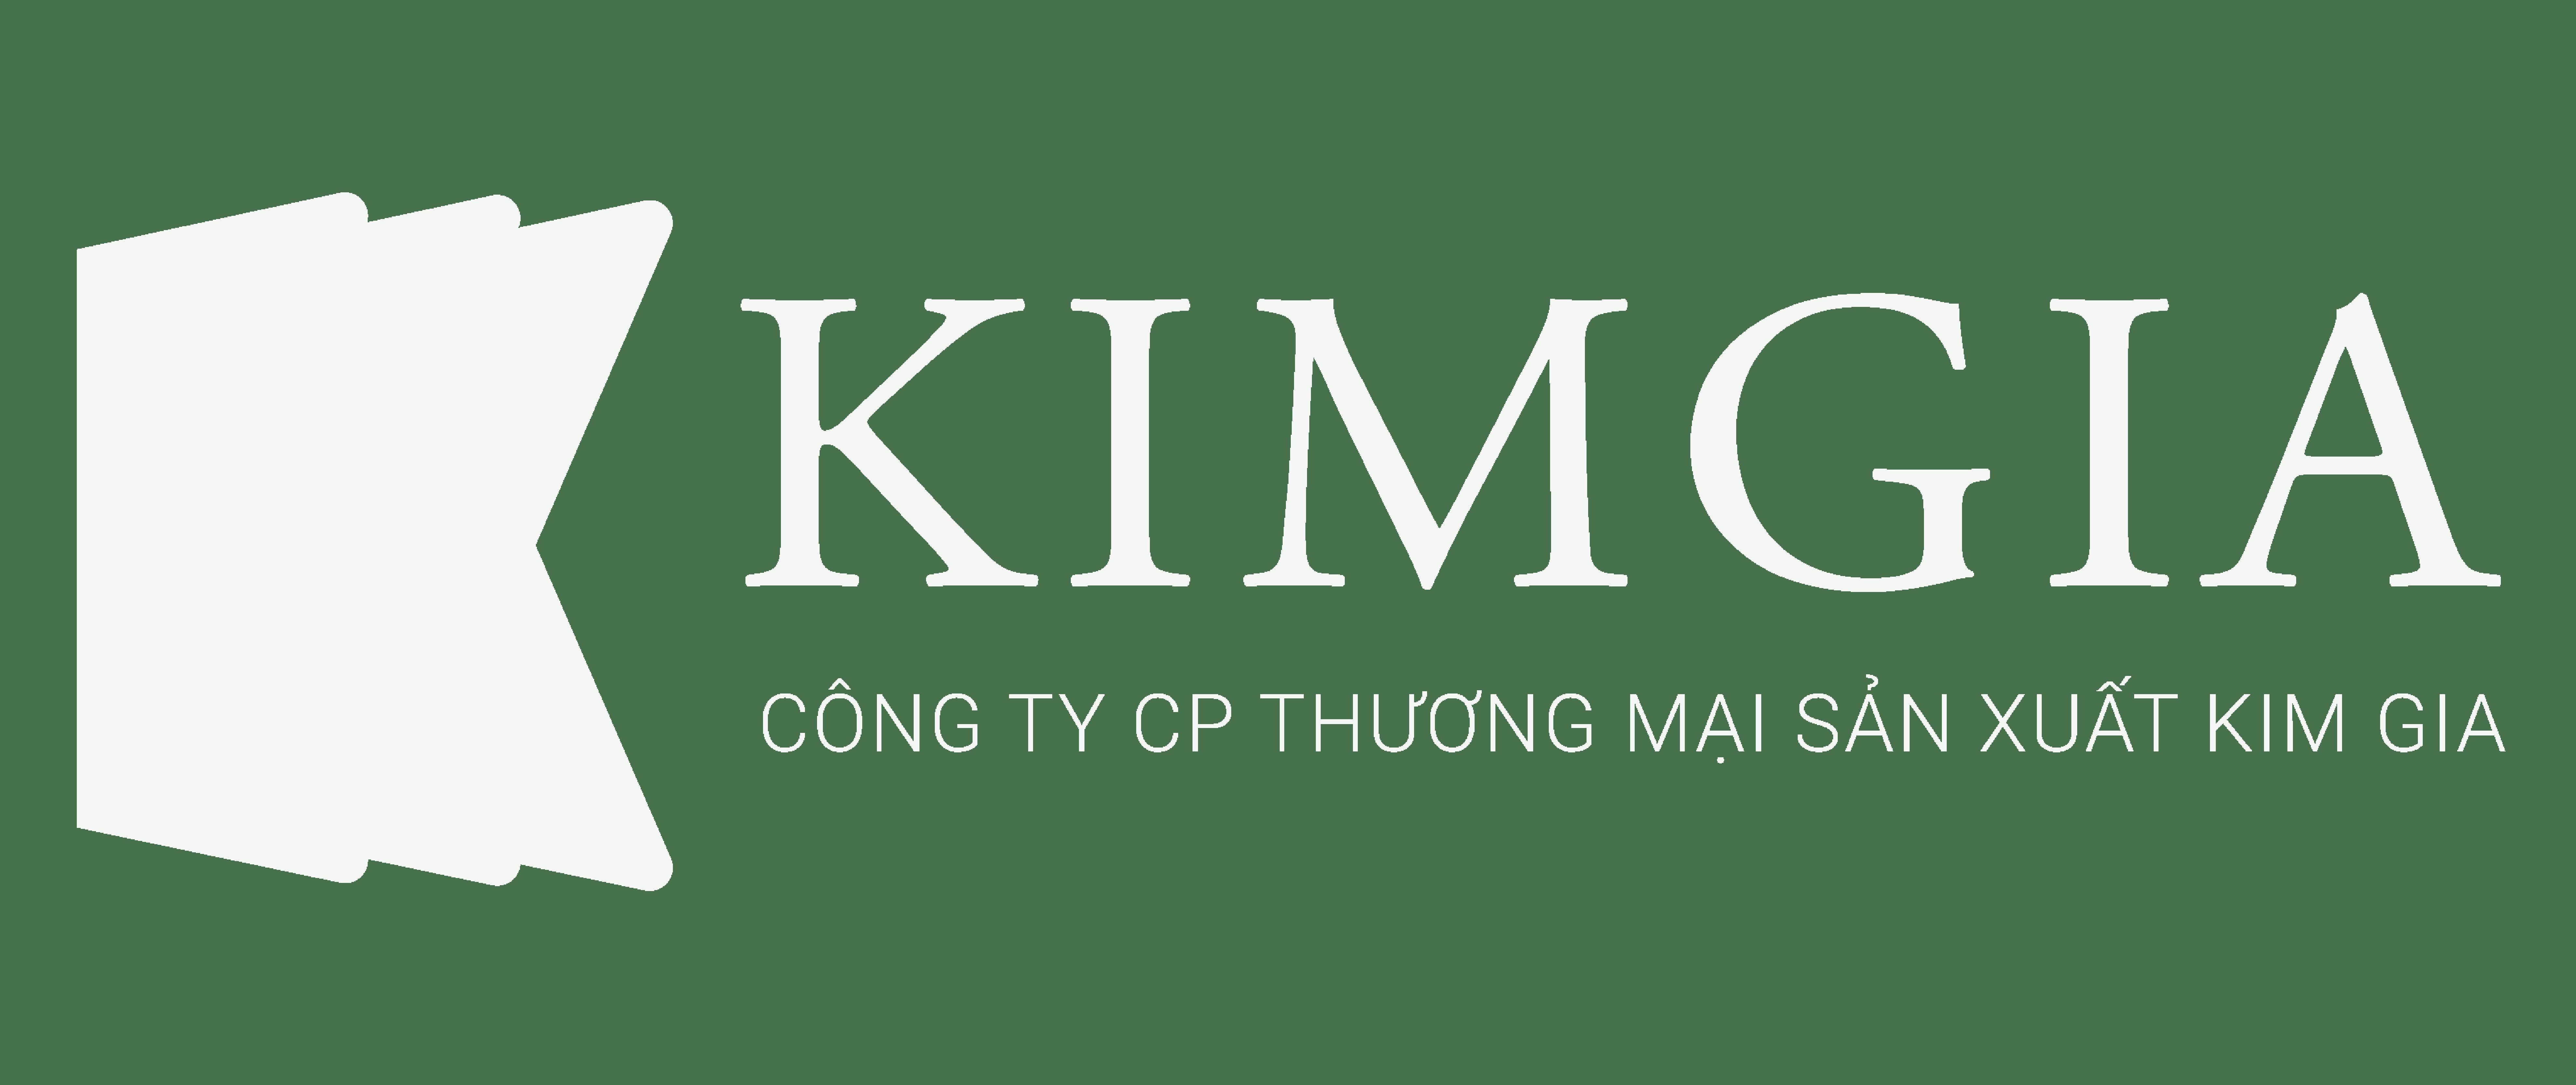 Plywood Kim Gia